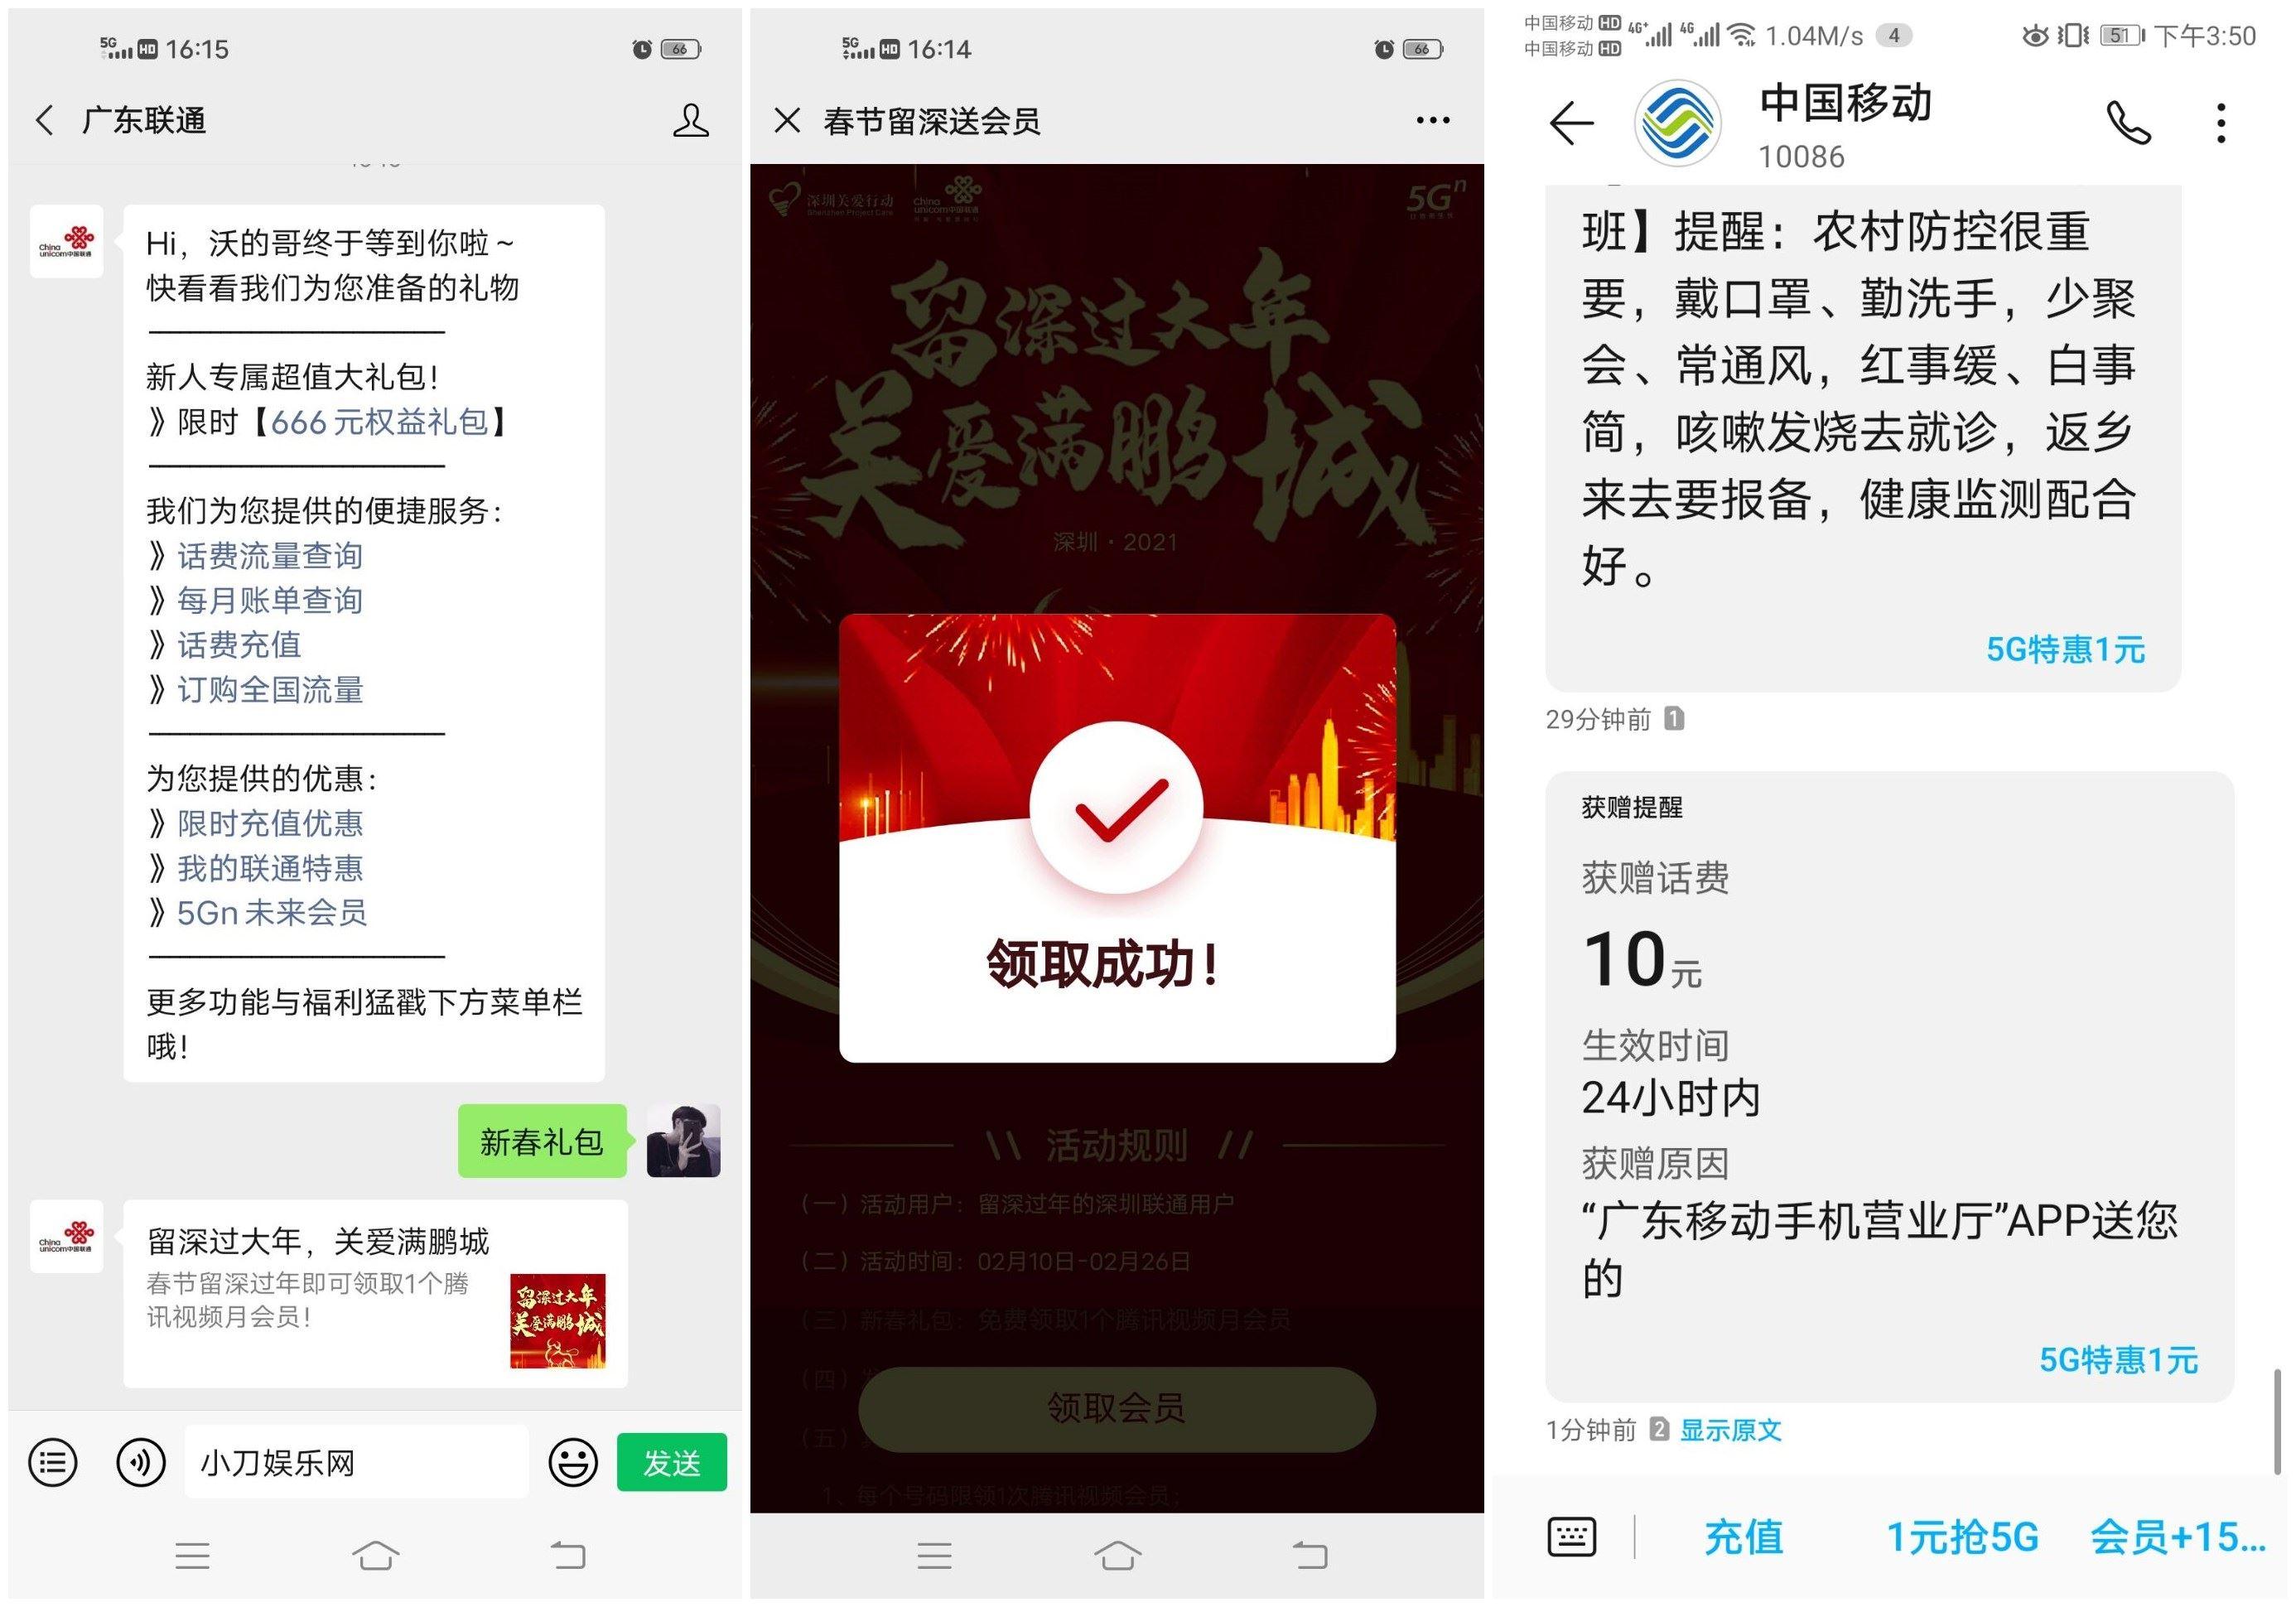 广东省三网用户领取流量话费